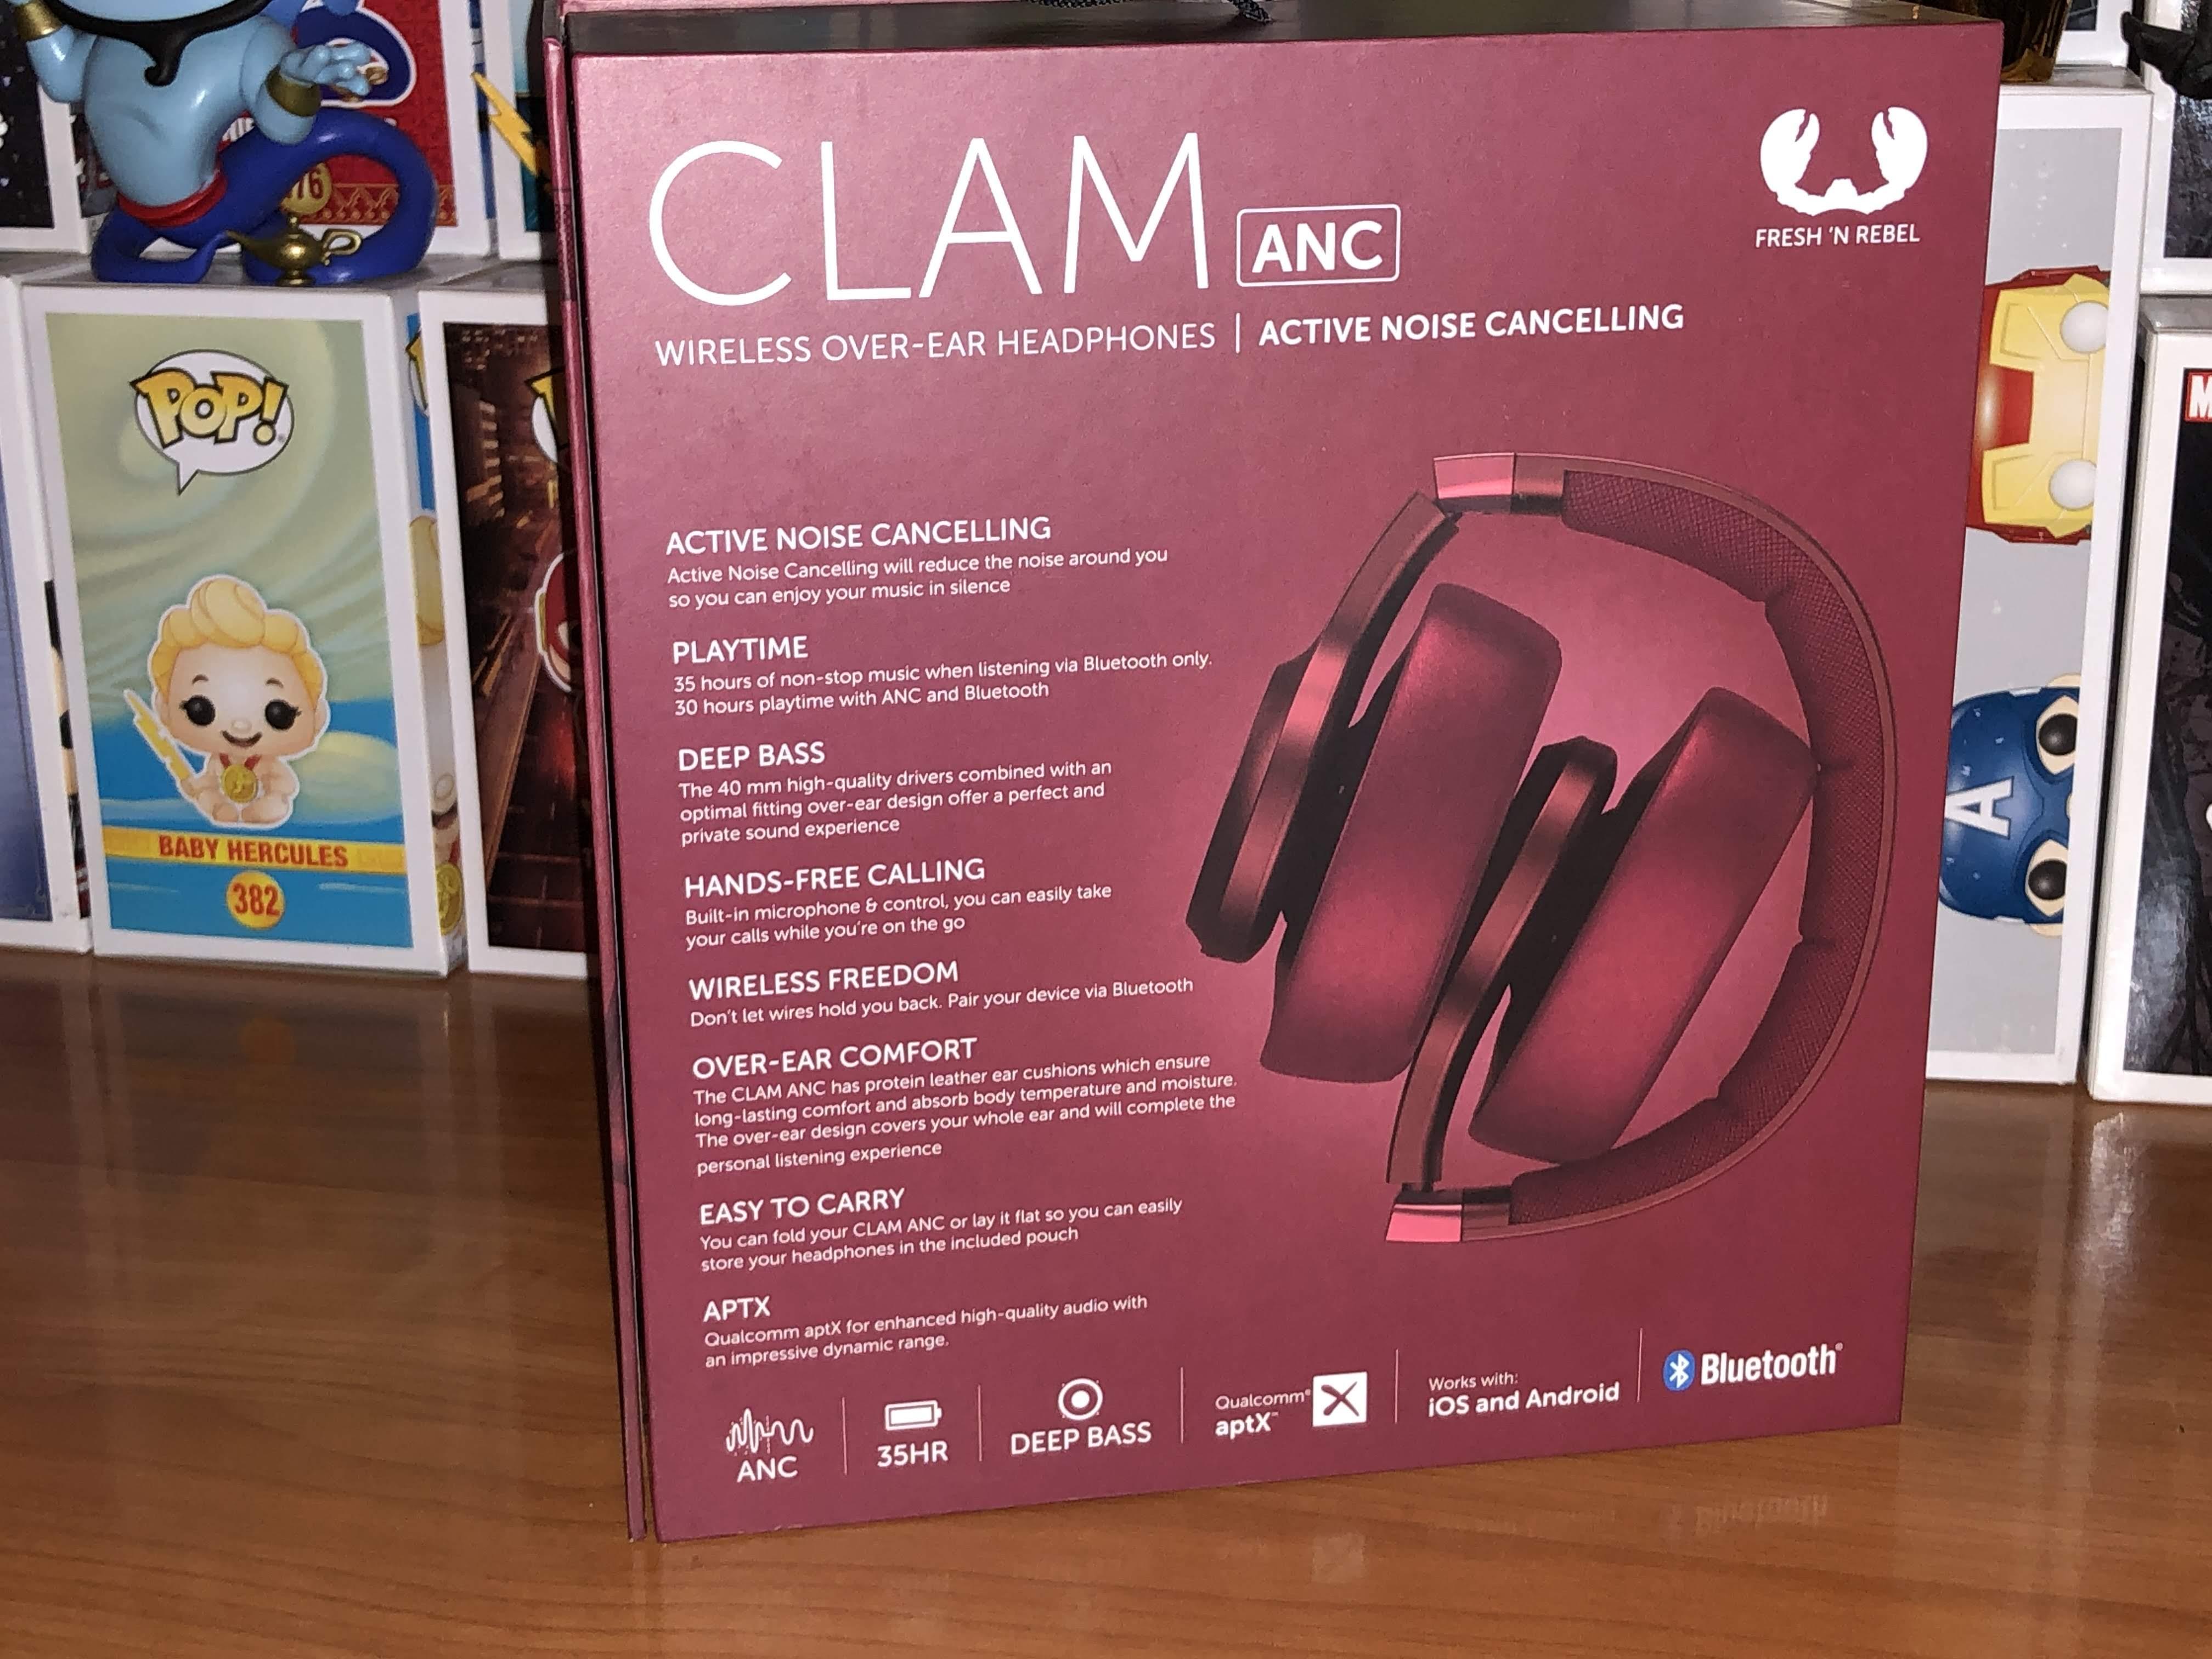 Recensione Clam Anc - Al Limite Della Perfezione 4 - Hynerd.it